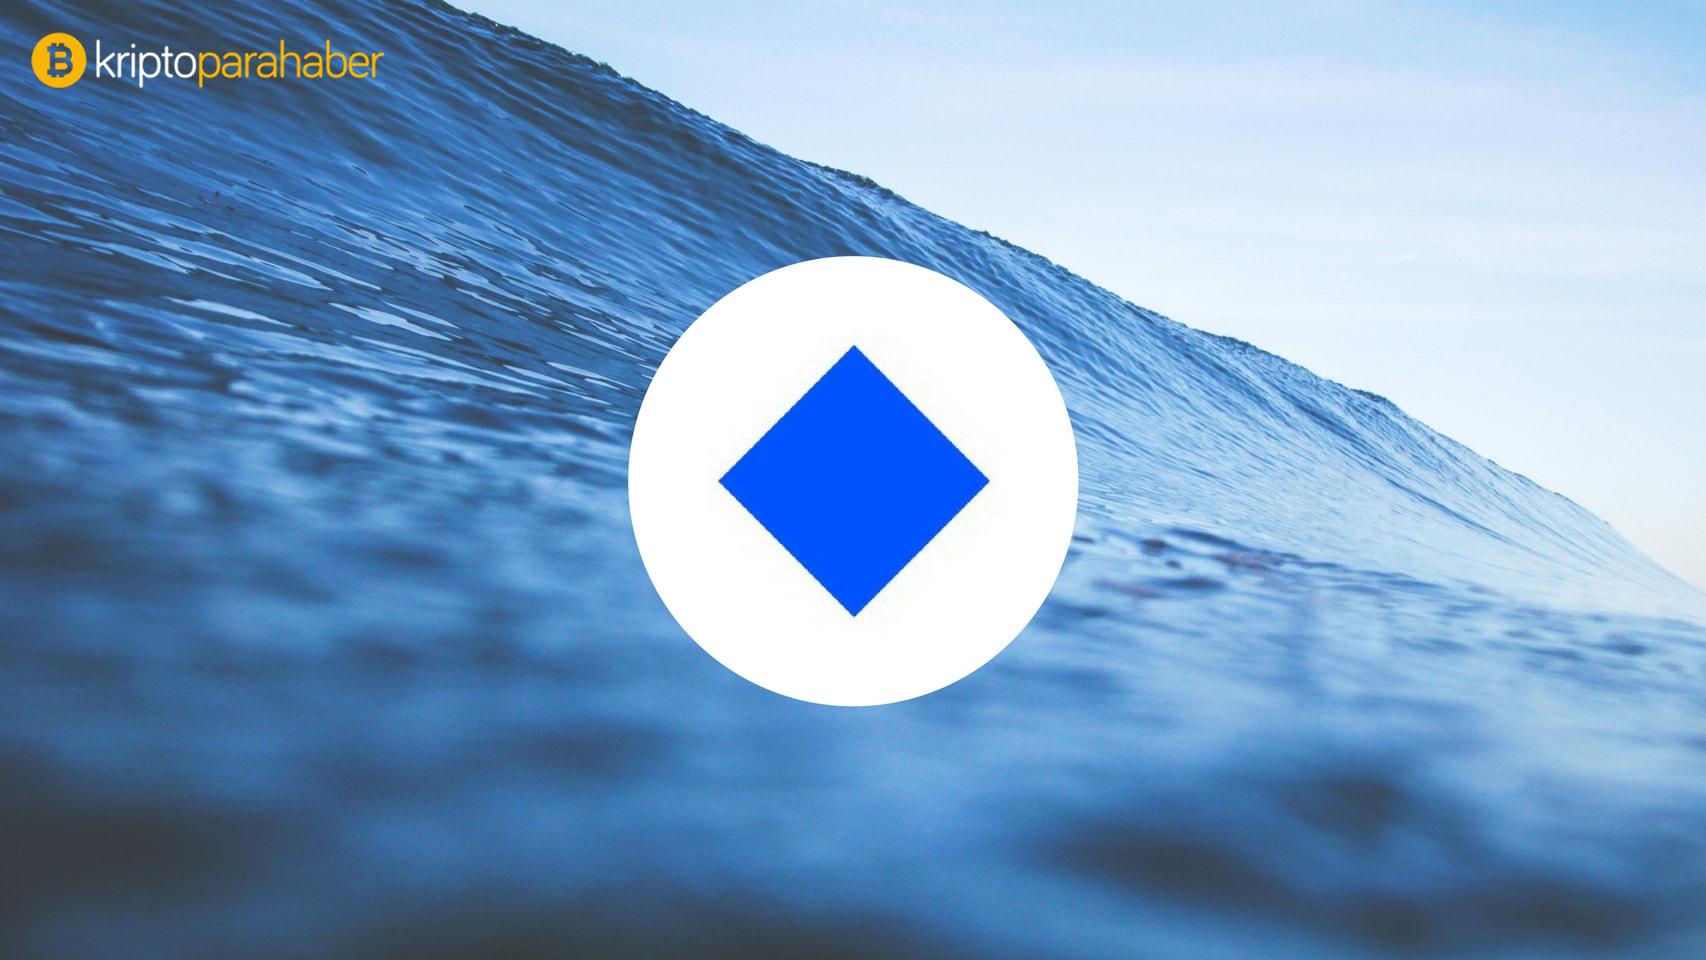 10 Ekim Tron ve Waves fiyat analizi: TRX ve WAVES için beklenen yön